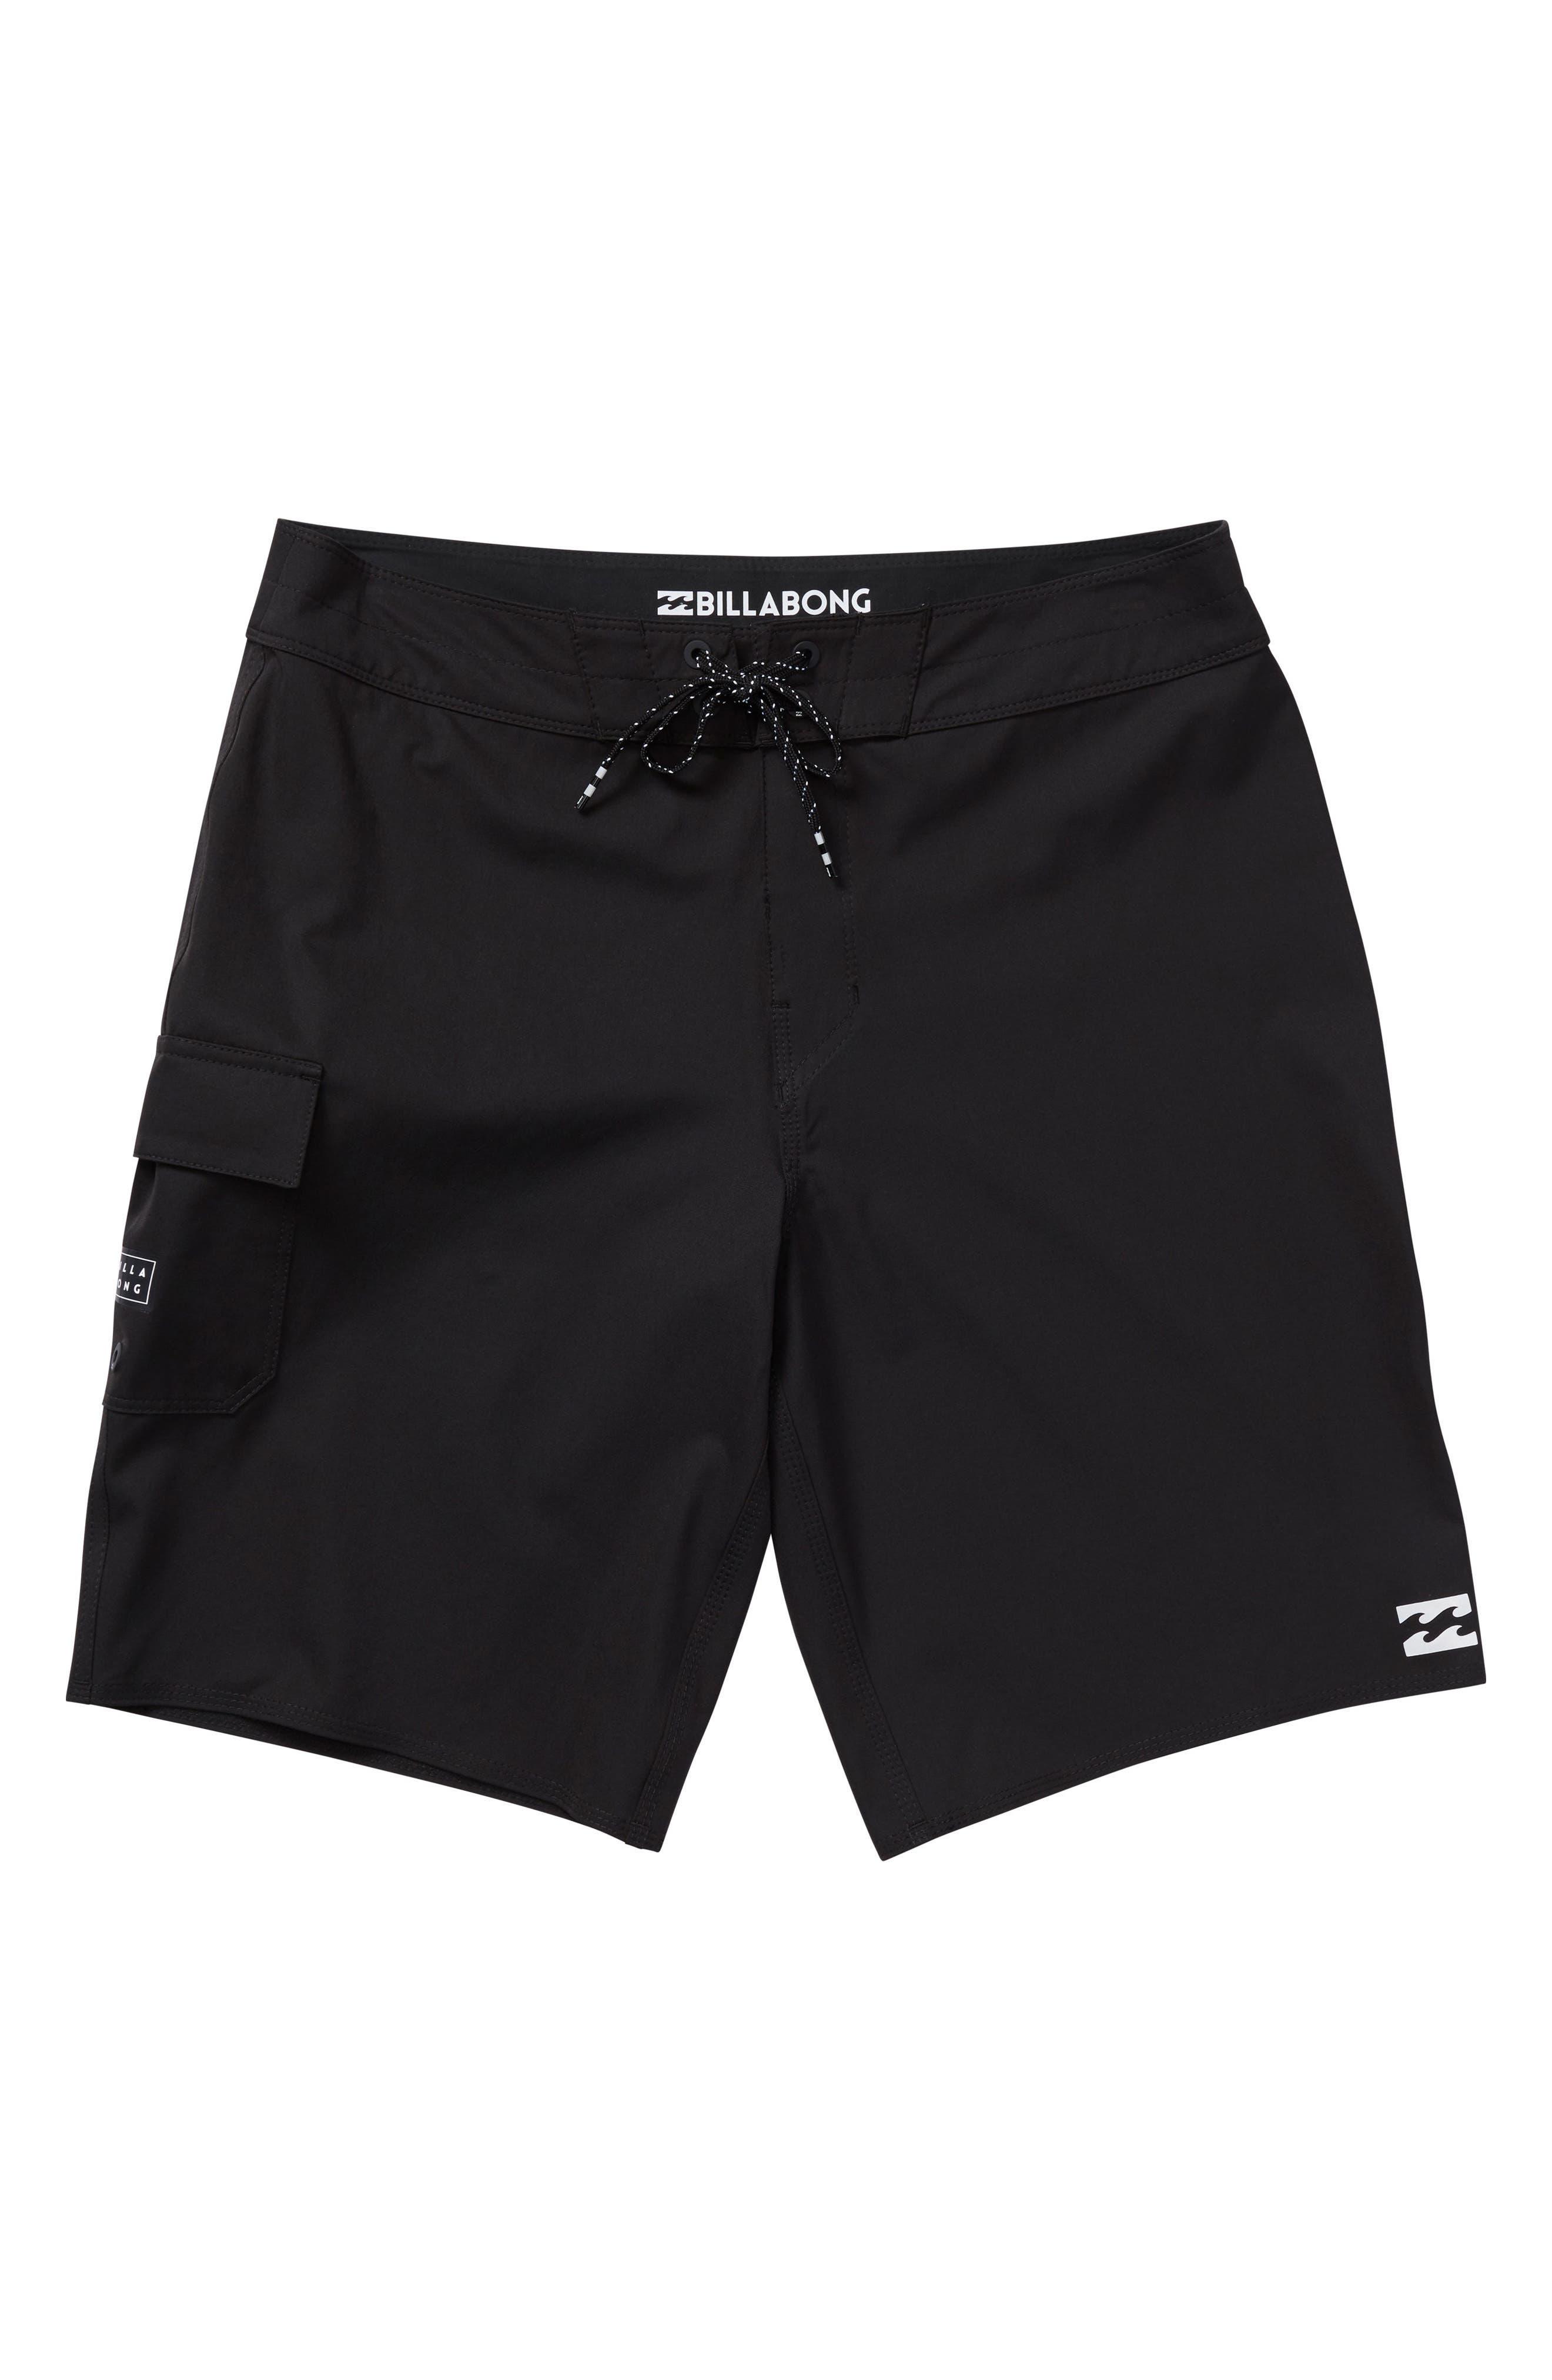 BILLABONG, All Day X Board Shorts, Main thumbnail 1, color, 001